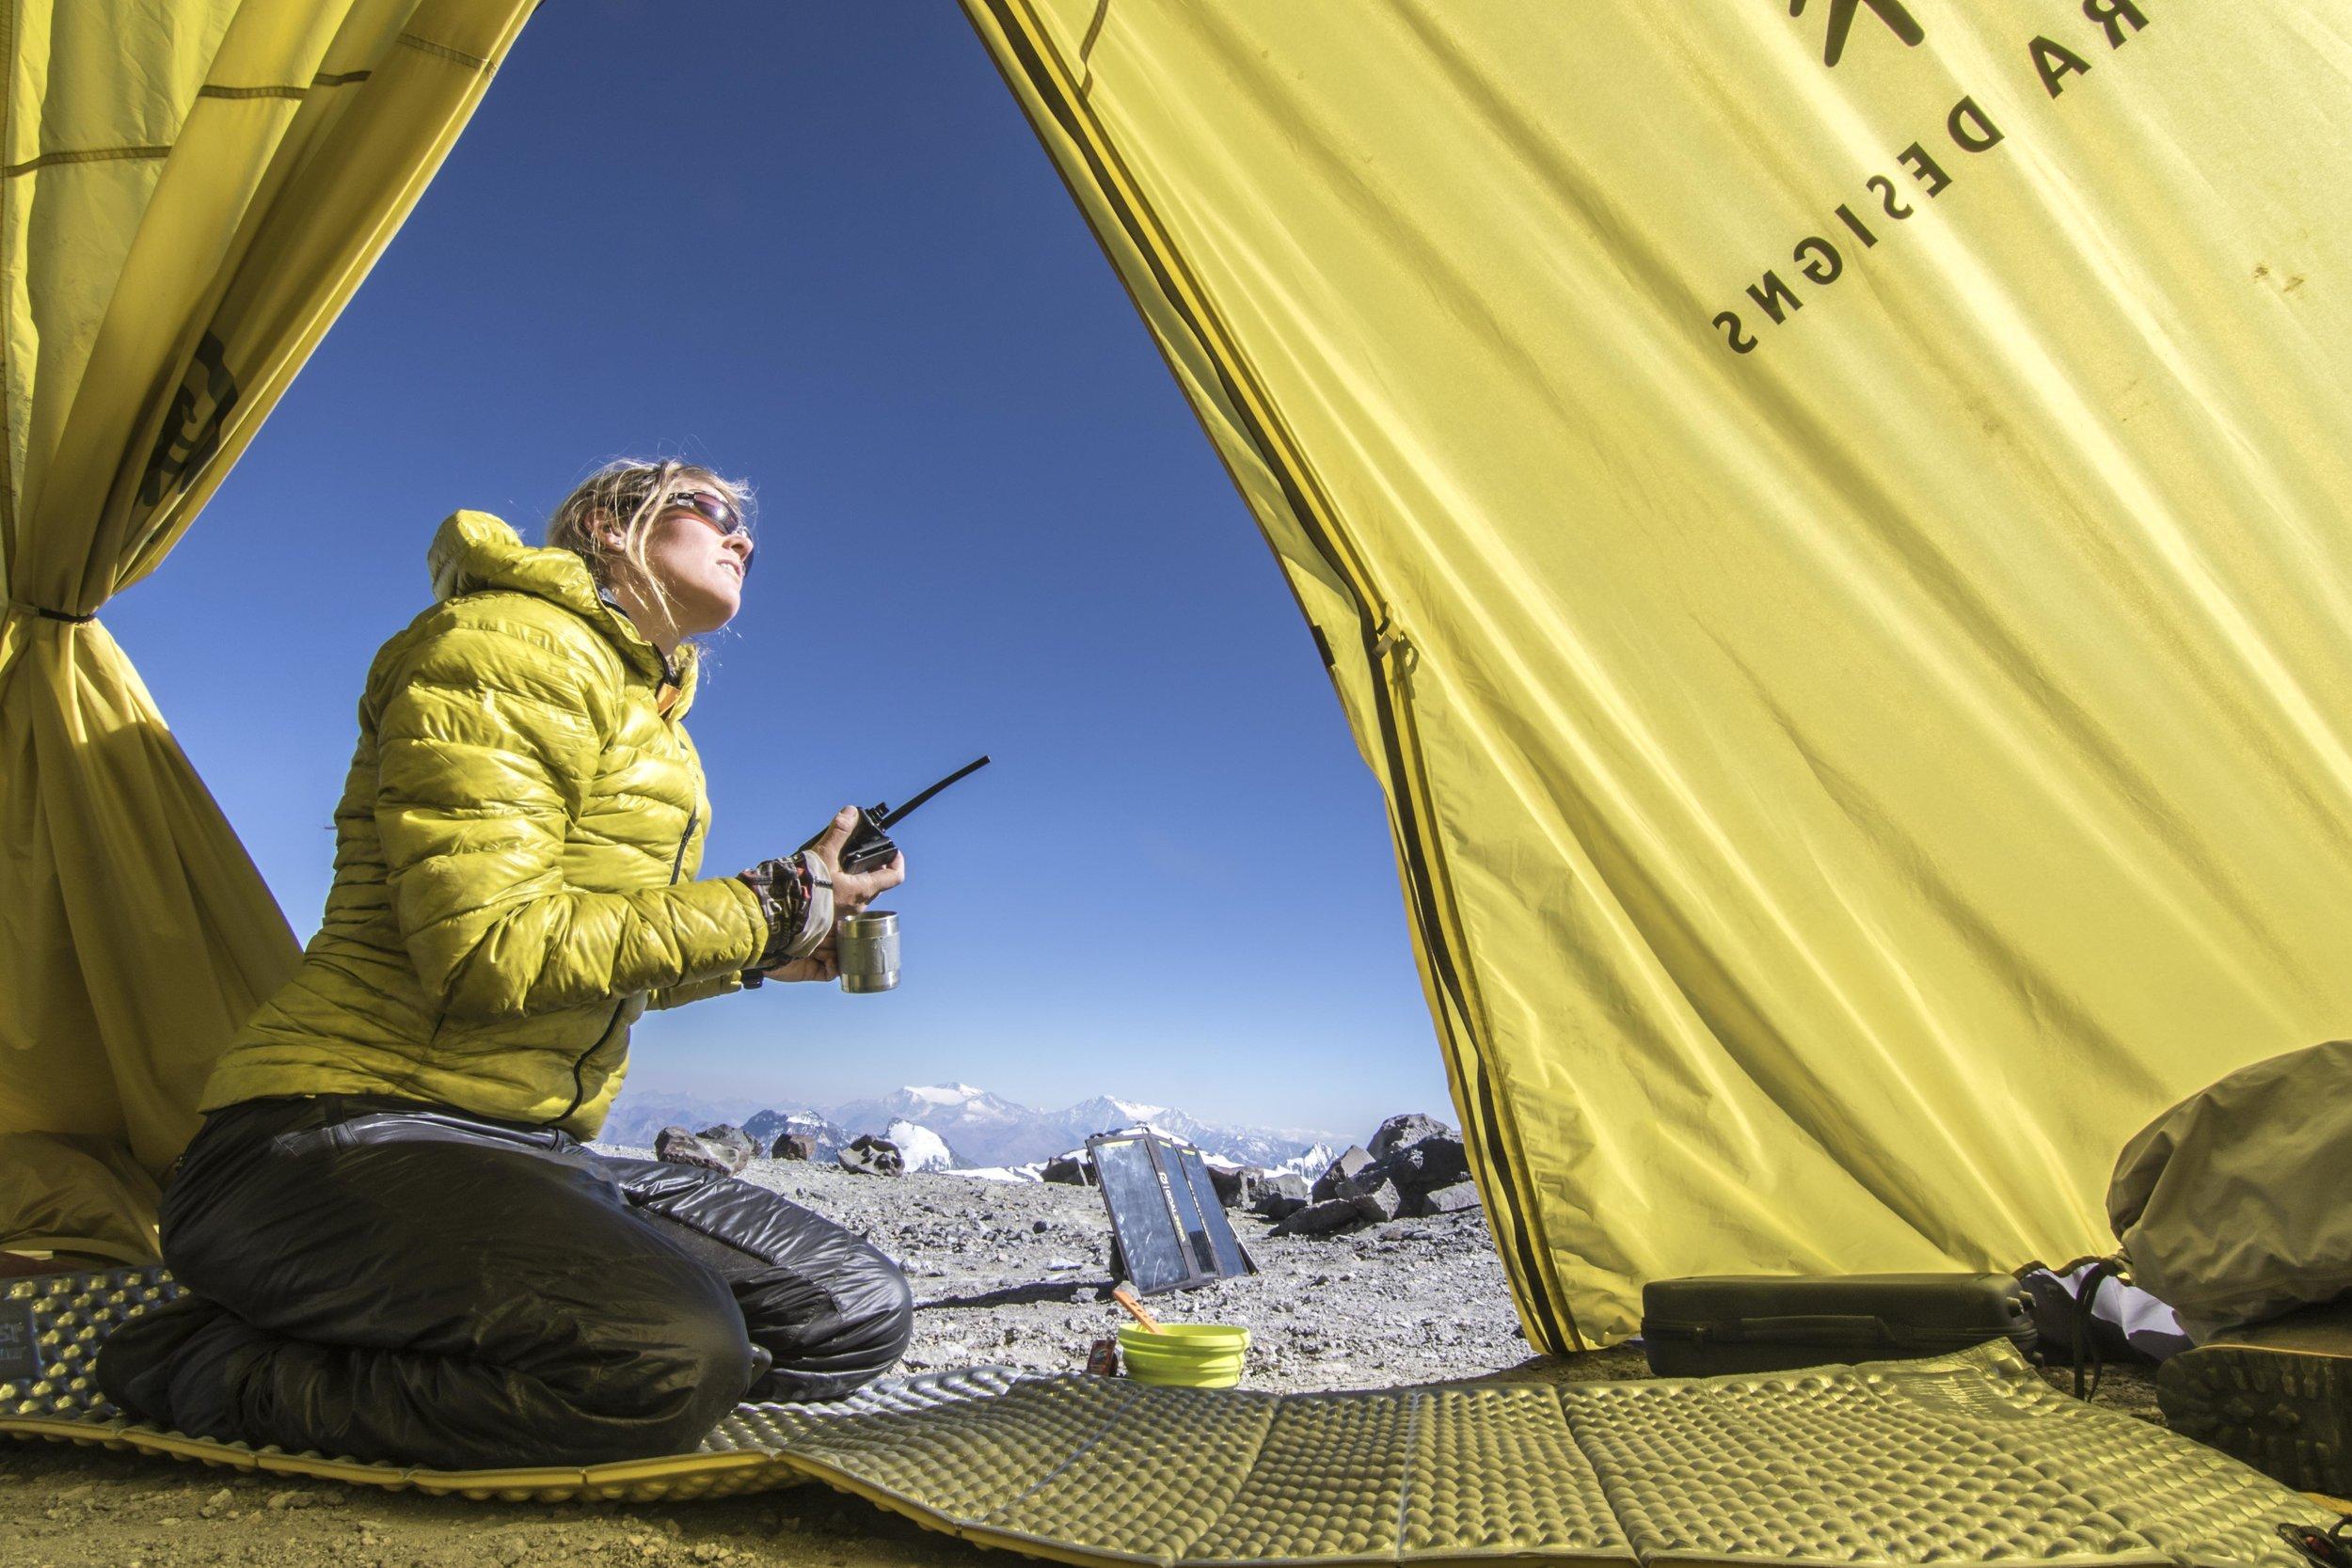 On radio duty at Nido, monitoring Libby's climb